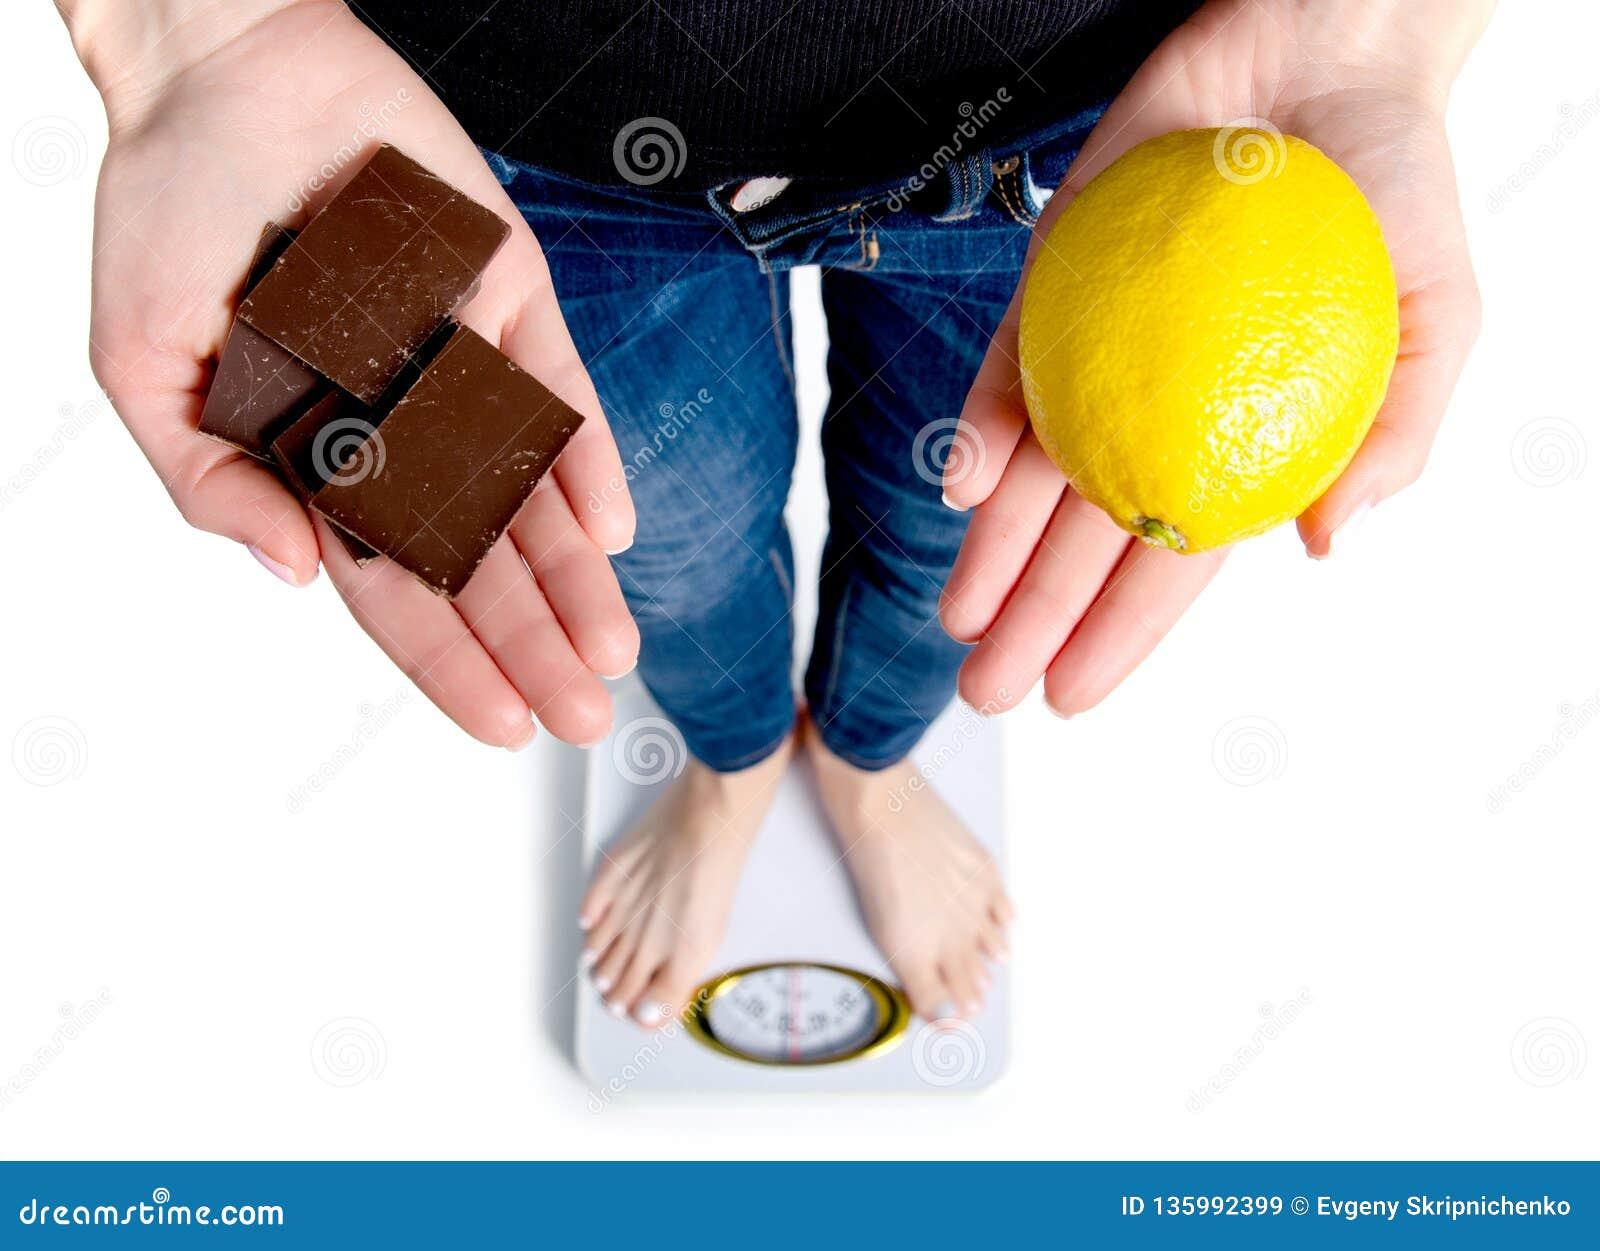 Régime Poids corporel de mesure de femme sur la balance tenant le chocolat et le citron